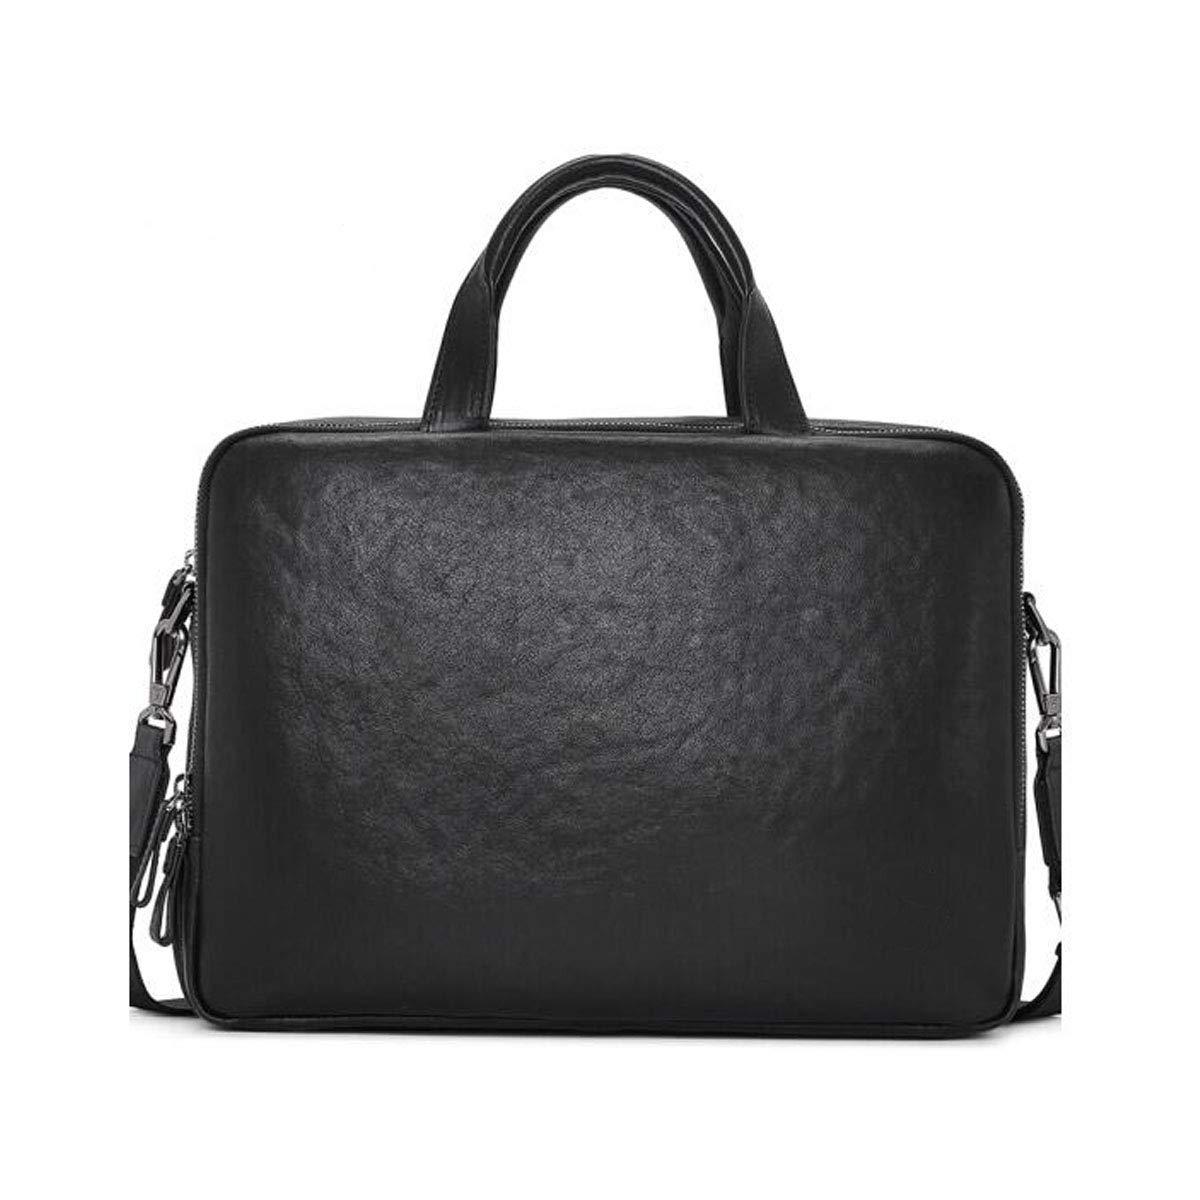 ブリーフケース、メンズビジネスメッセンジャーバッグ、牛革大容量ハンドバッグ、コンピューターバッグ、ブラックサイズ:36 * 8 * 27 cm  ブラック B07R9HQBYK